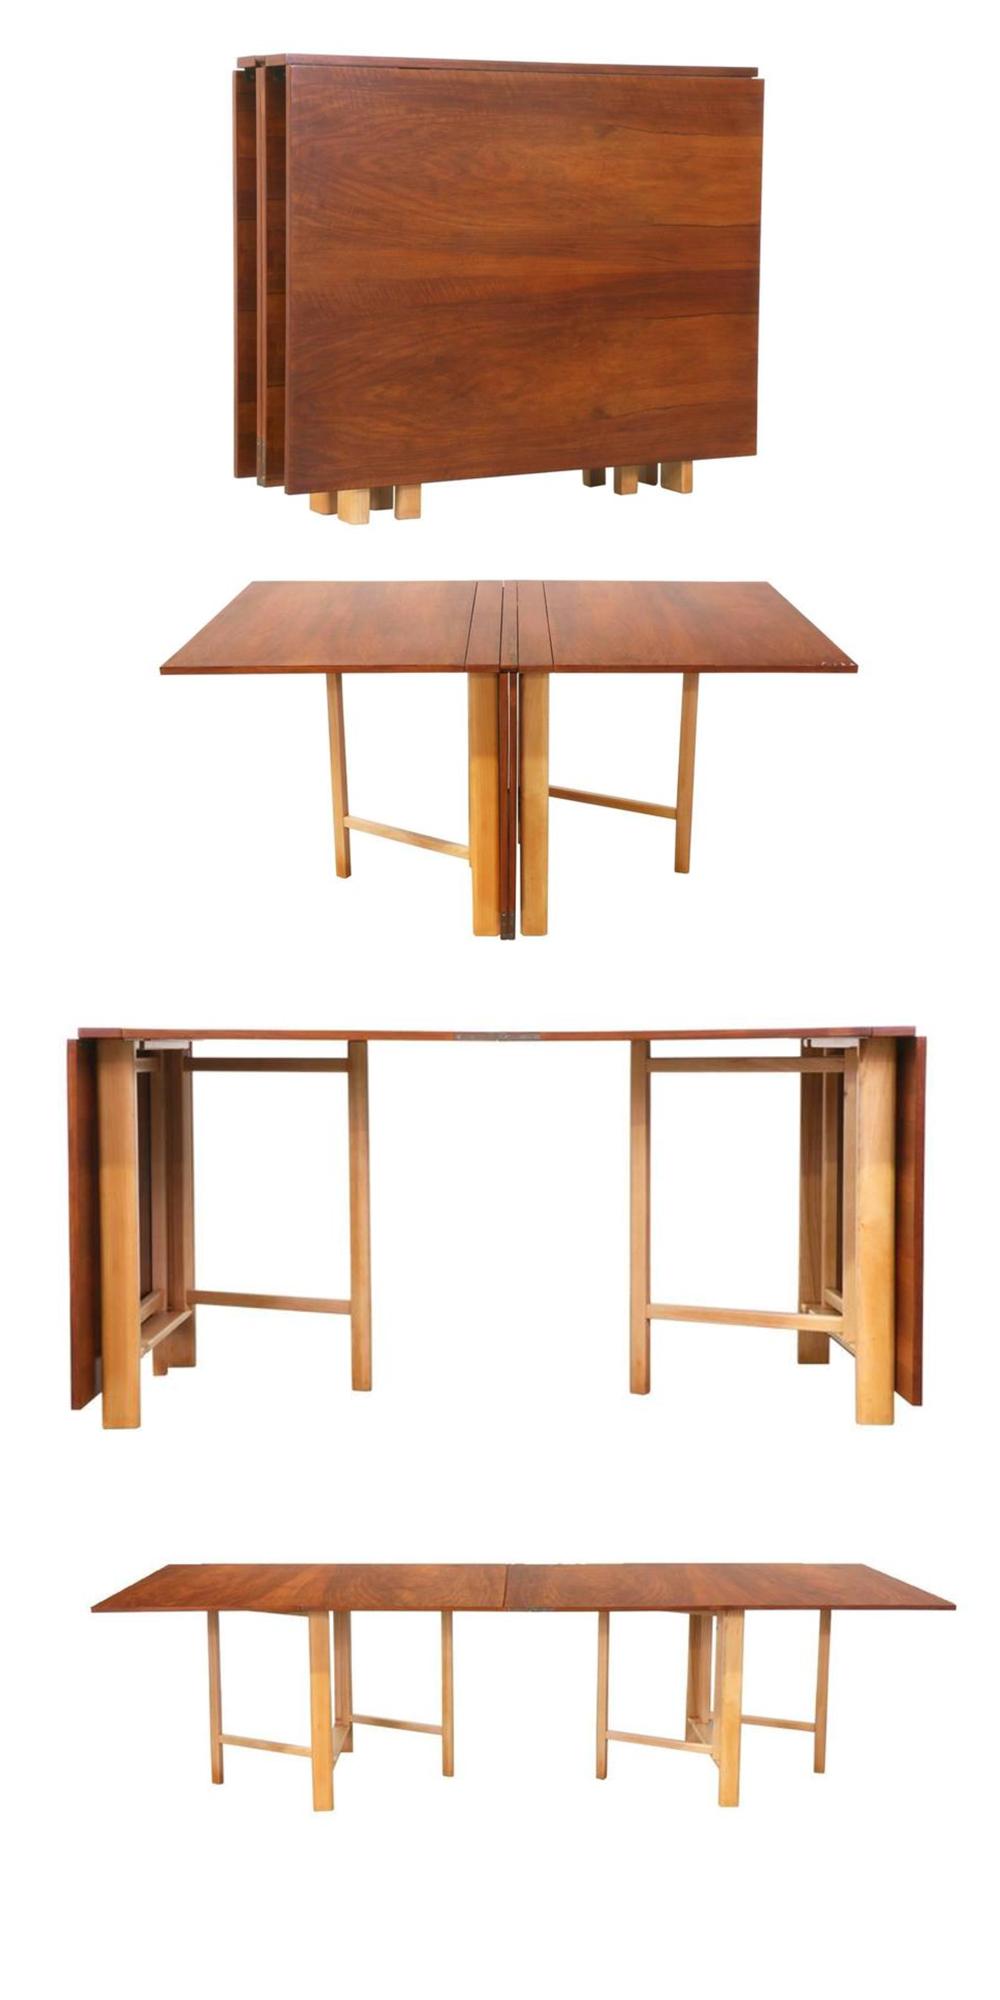 Tavolo salvaspazio tavolo salvaspazio in nobilitato for Tavolo salvaspazio